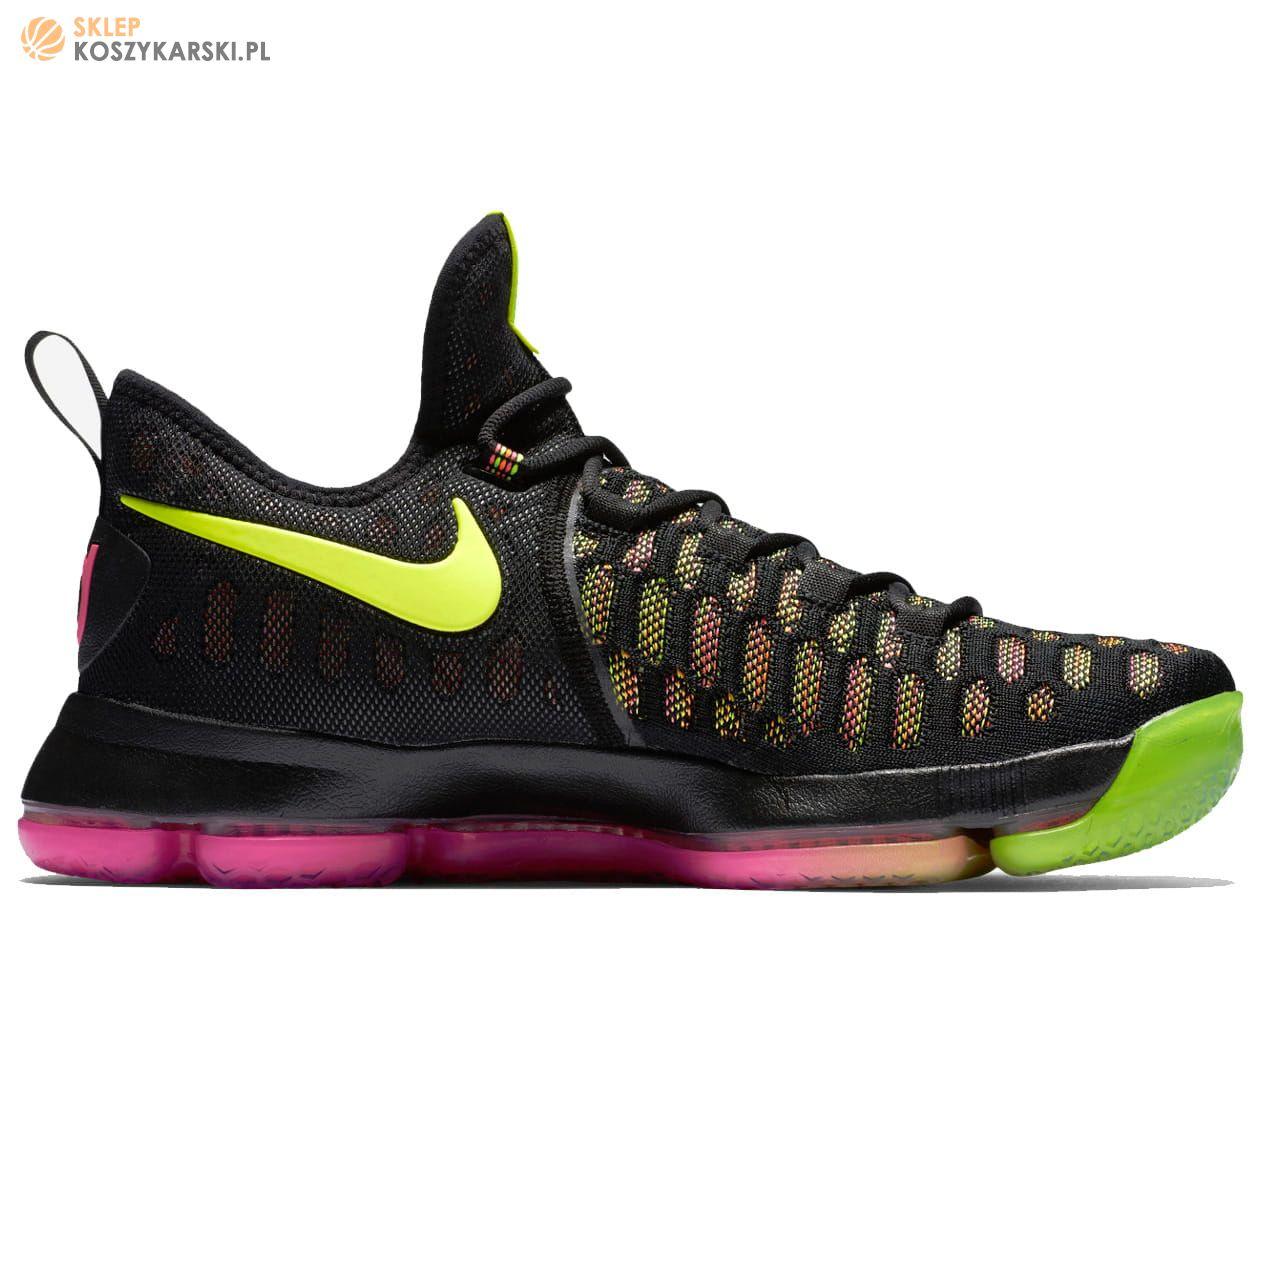 Buty do koszykówki Nike Zoom KD 9 (843392 999)